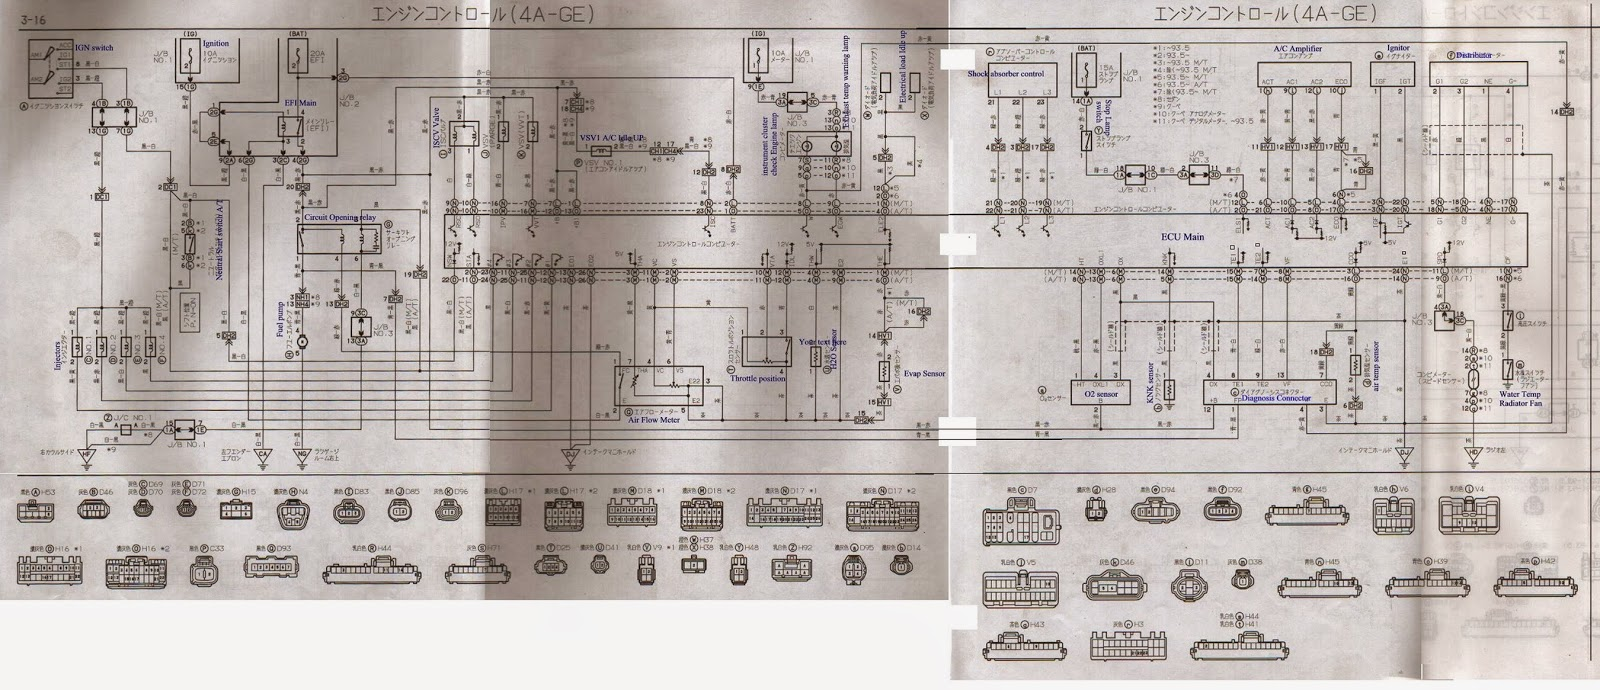 [ZTBE_9966]  Toyota ECU pinouts: 4A-GE 20V AE101 ECU pinout,wiring diagram | 20v Wiring Diagram |  | Toyota ECU pinouts